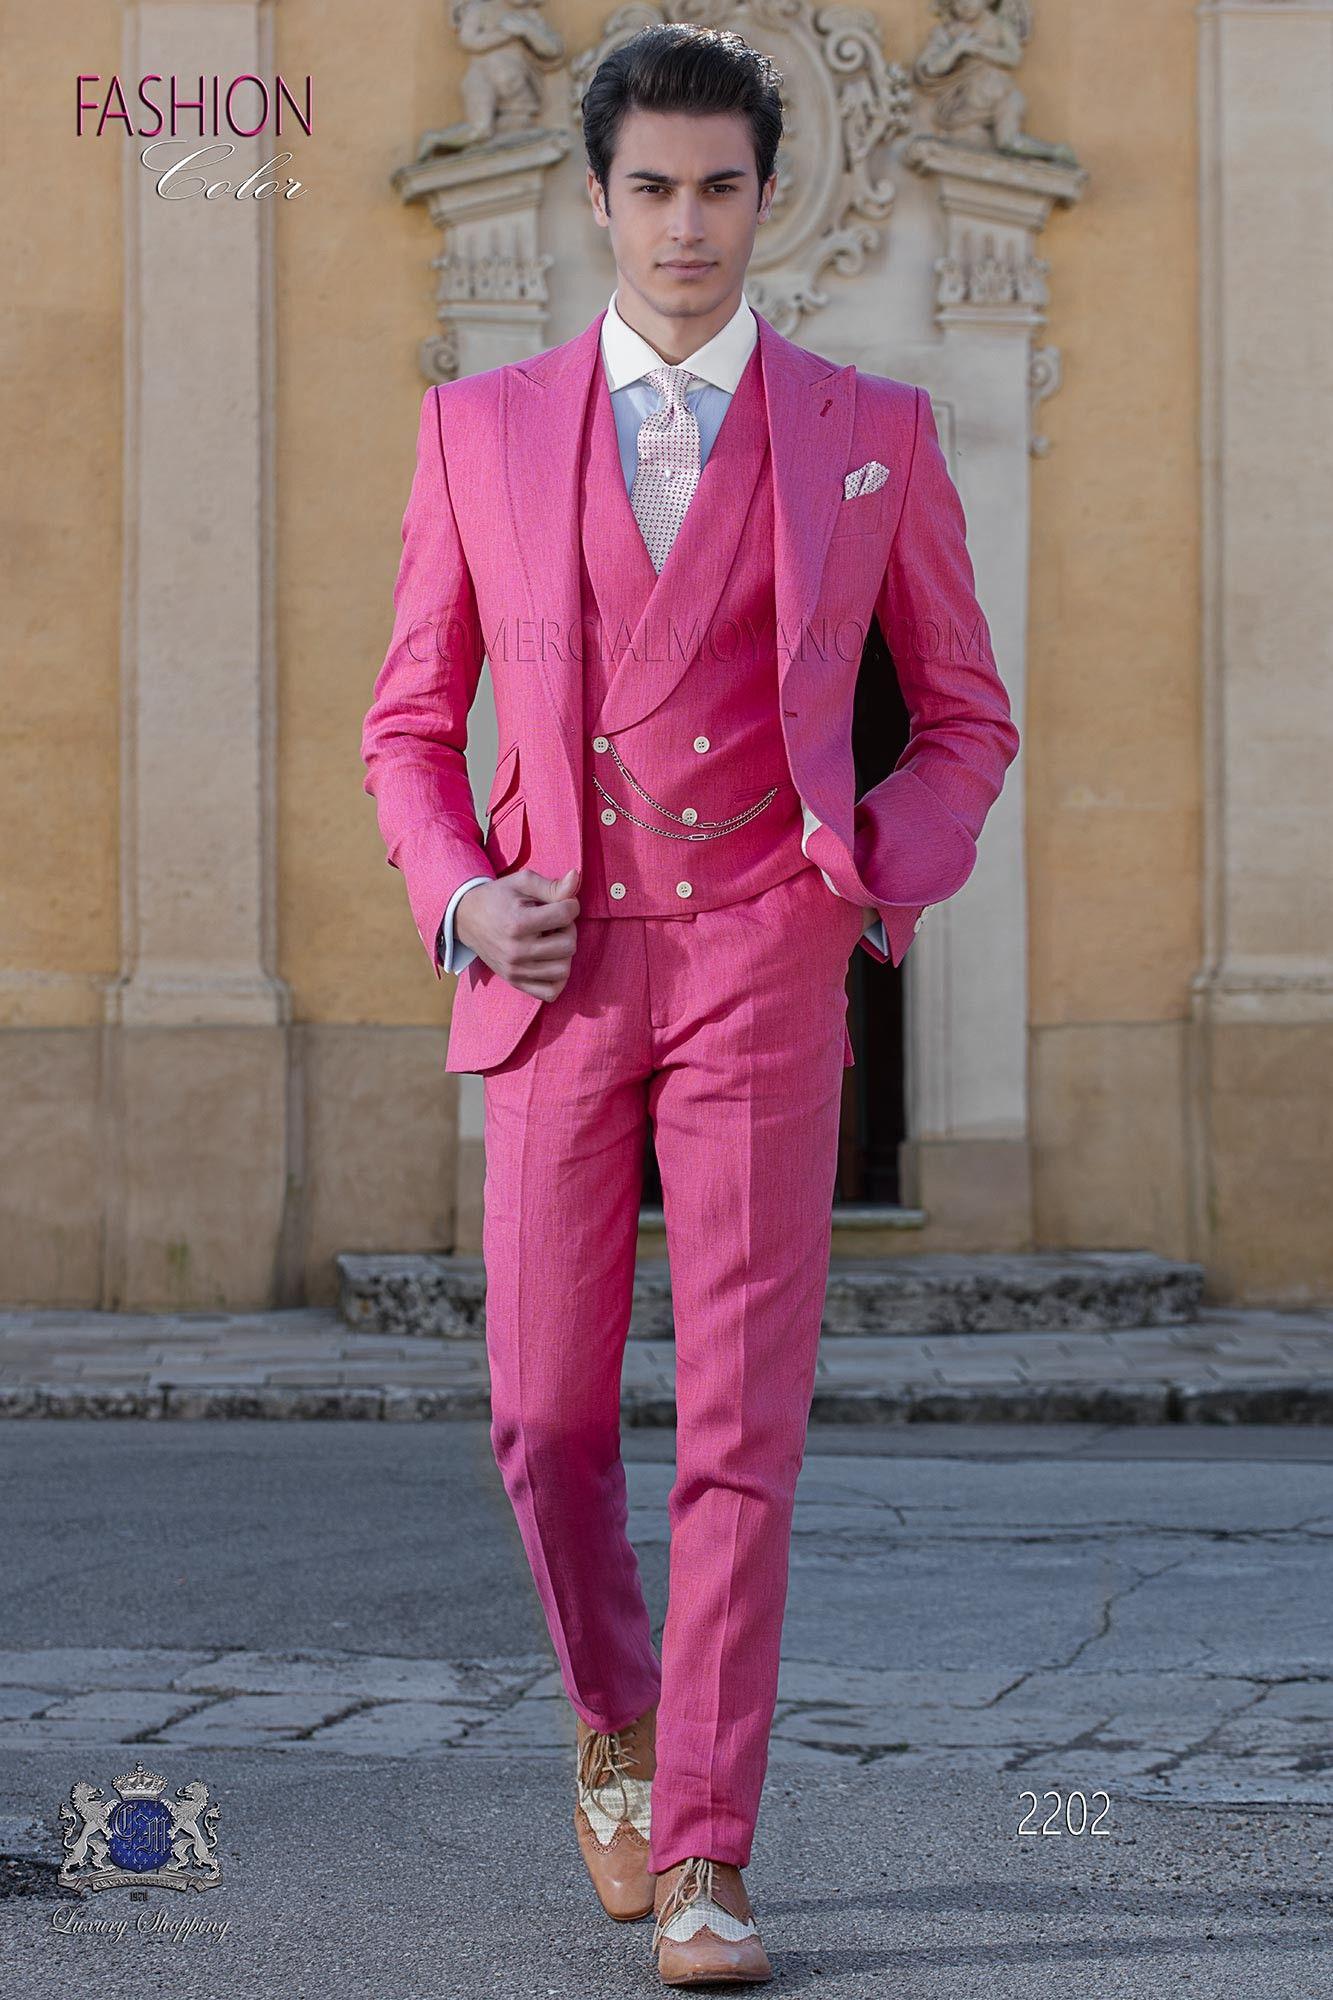 Traje de novio a medida rosa de lino | Pinterest | Traje de novio ...